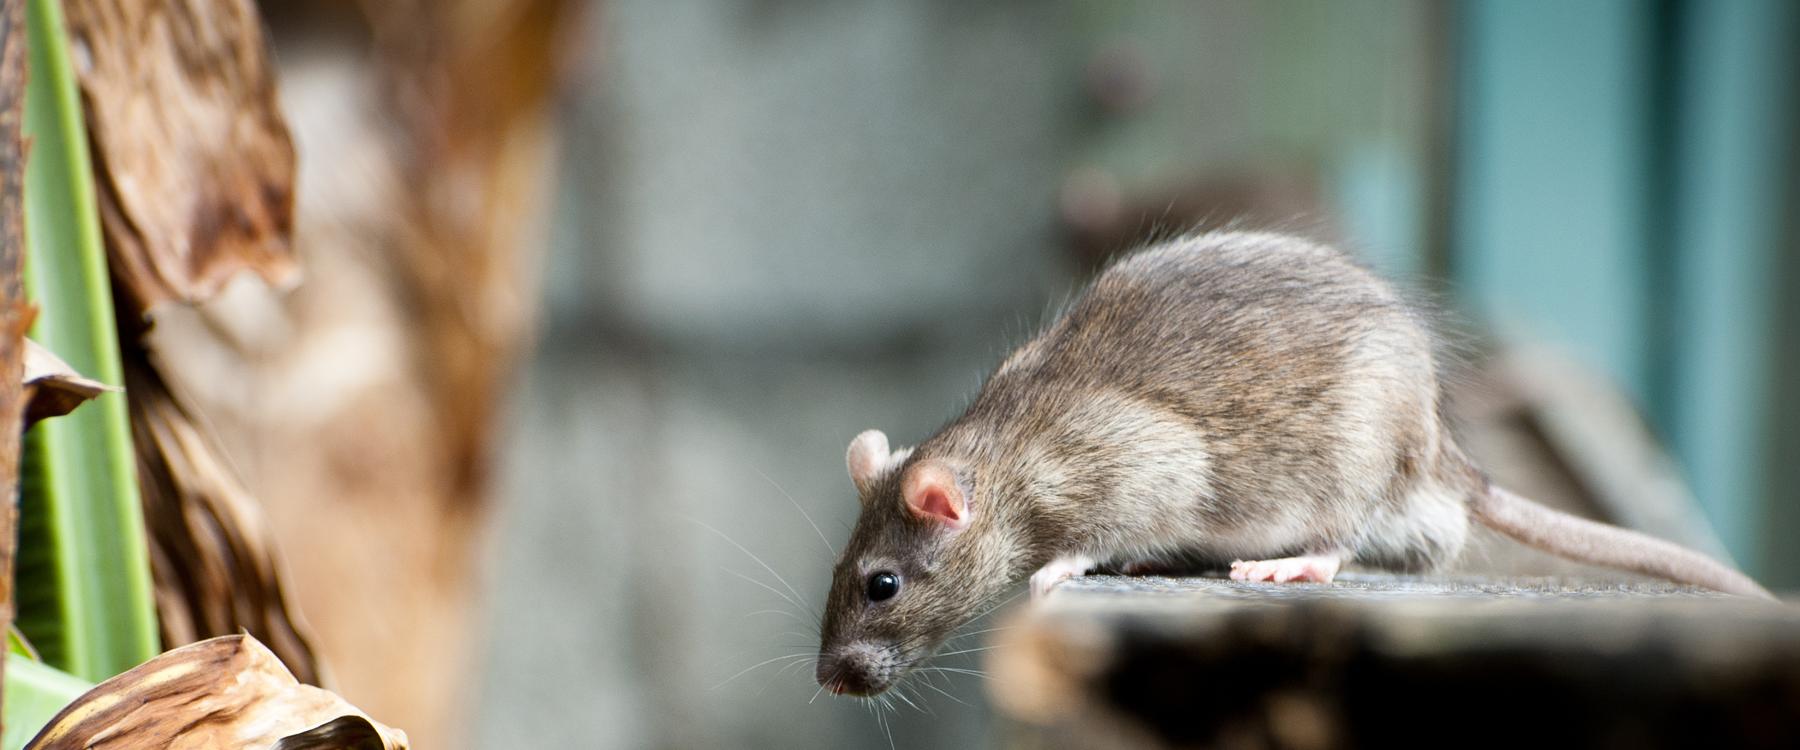 Souris Dans Les Murs Comment Faire comment se débarrasser des souris et des rats | caa-québec